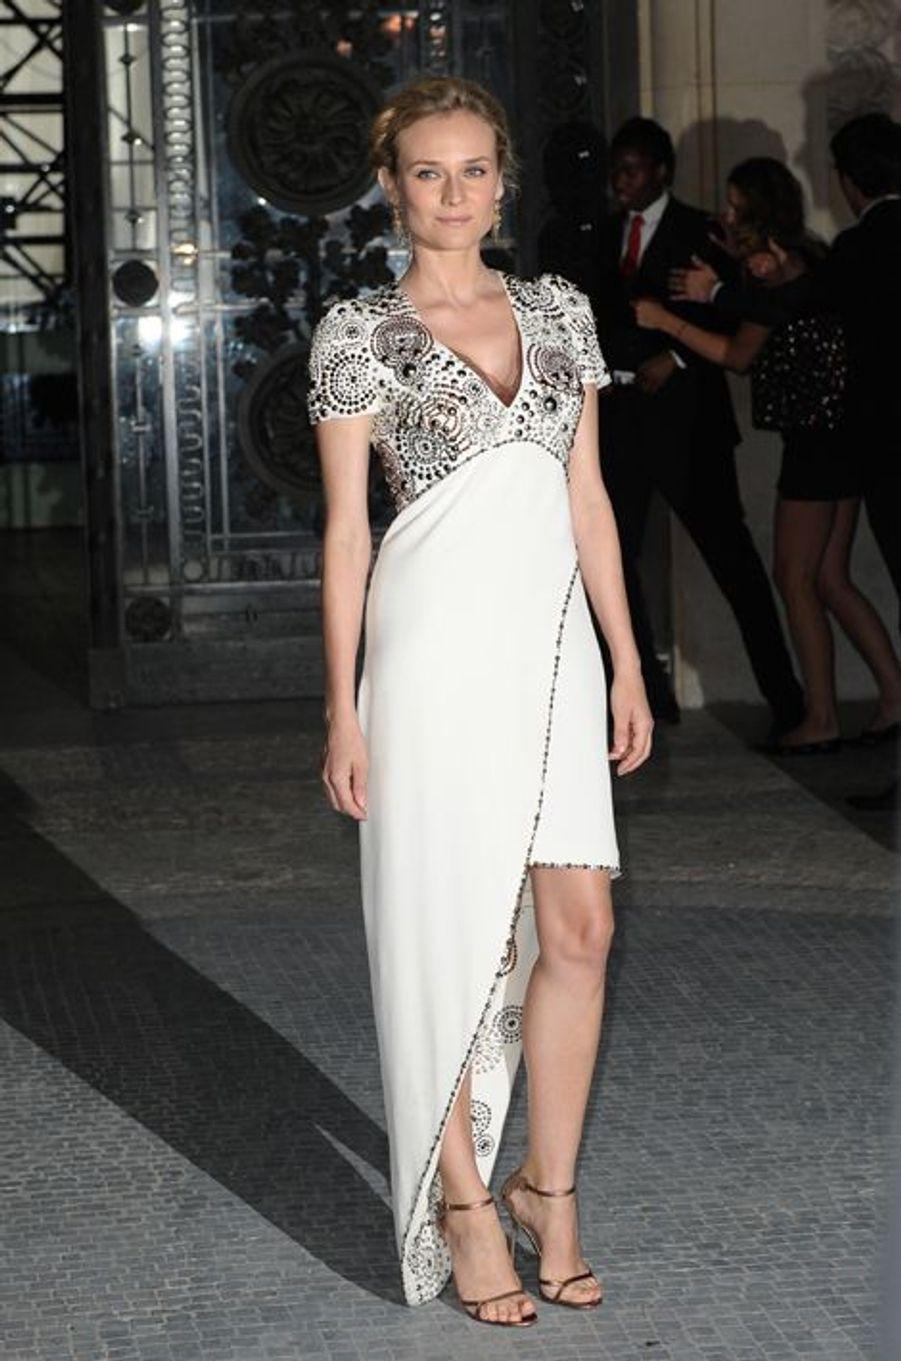 En Chanel Couture au défilé Chanel, en juillet 2011